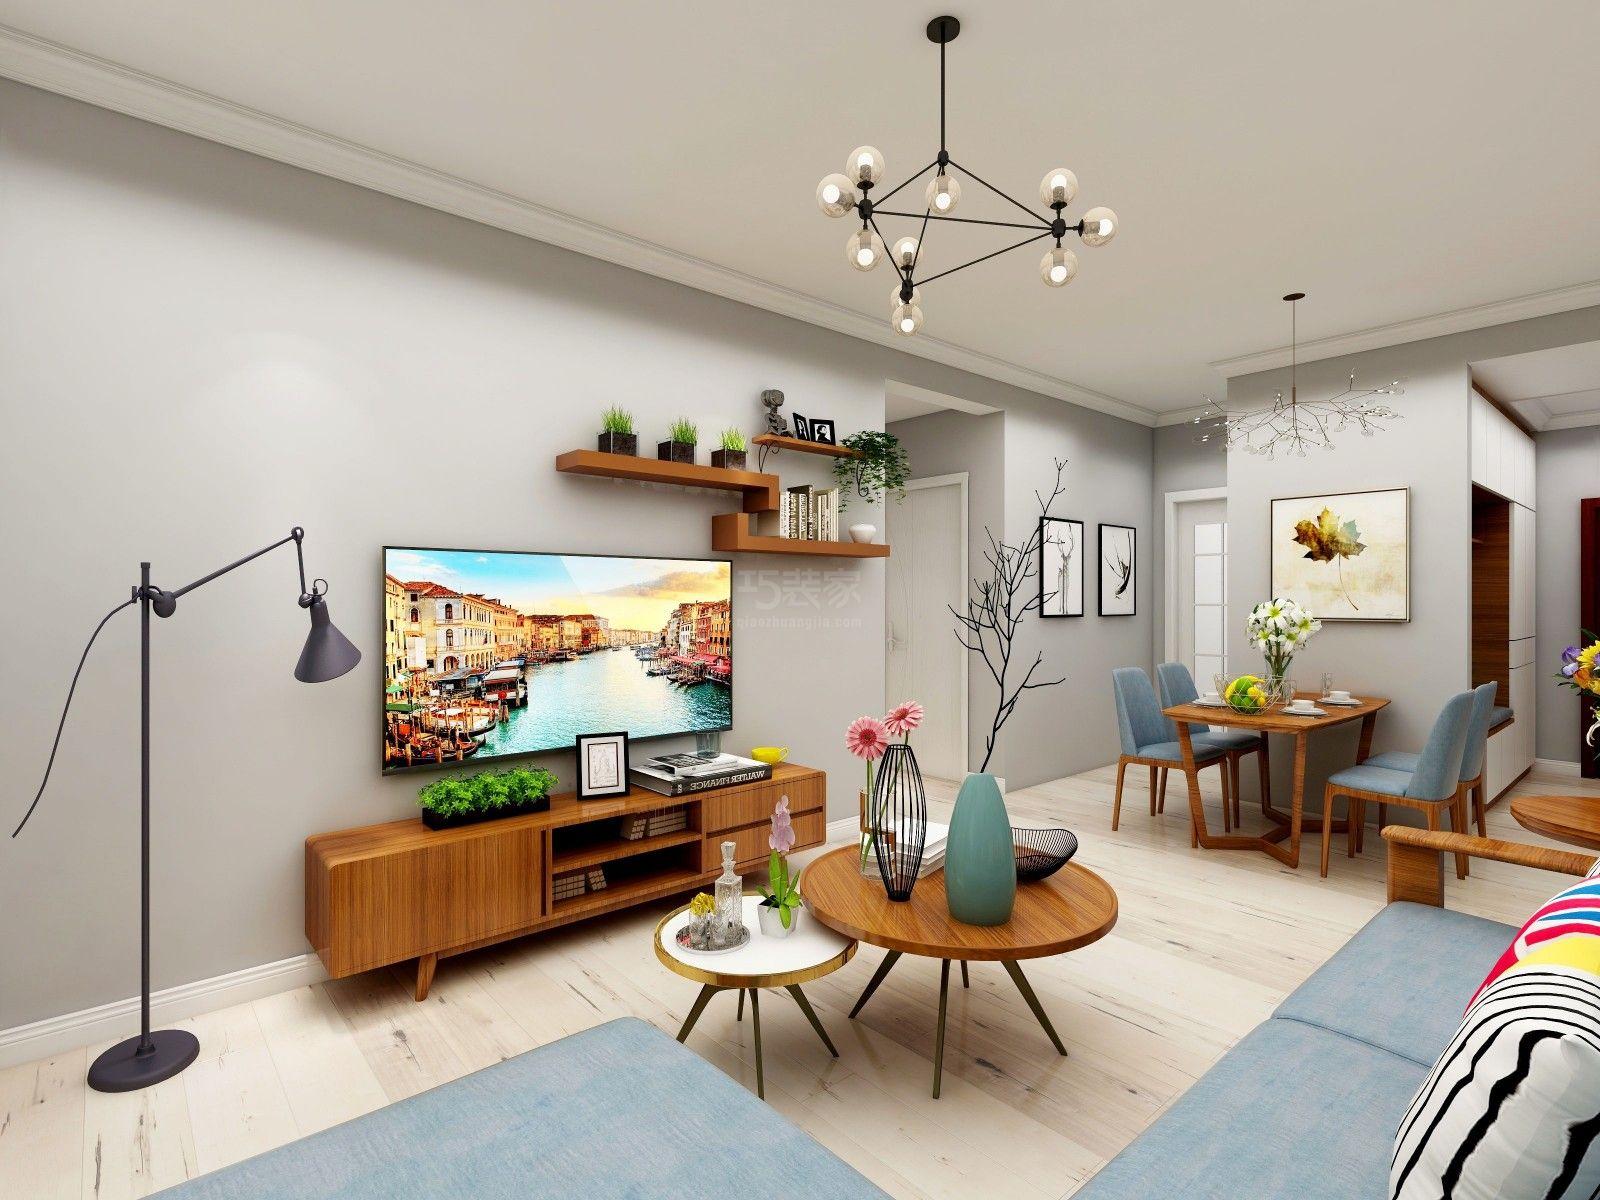 设计说明(预约:182-9186-6197)90后的婚房,要求简洁,整齐,需要收纳空间,北欧是最近年轻人的最爱。华洲城离我们公司很近,是我们的重点开发小区,可预约装修设计。